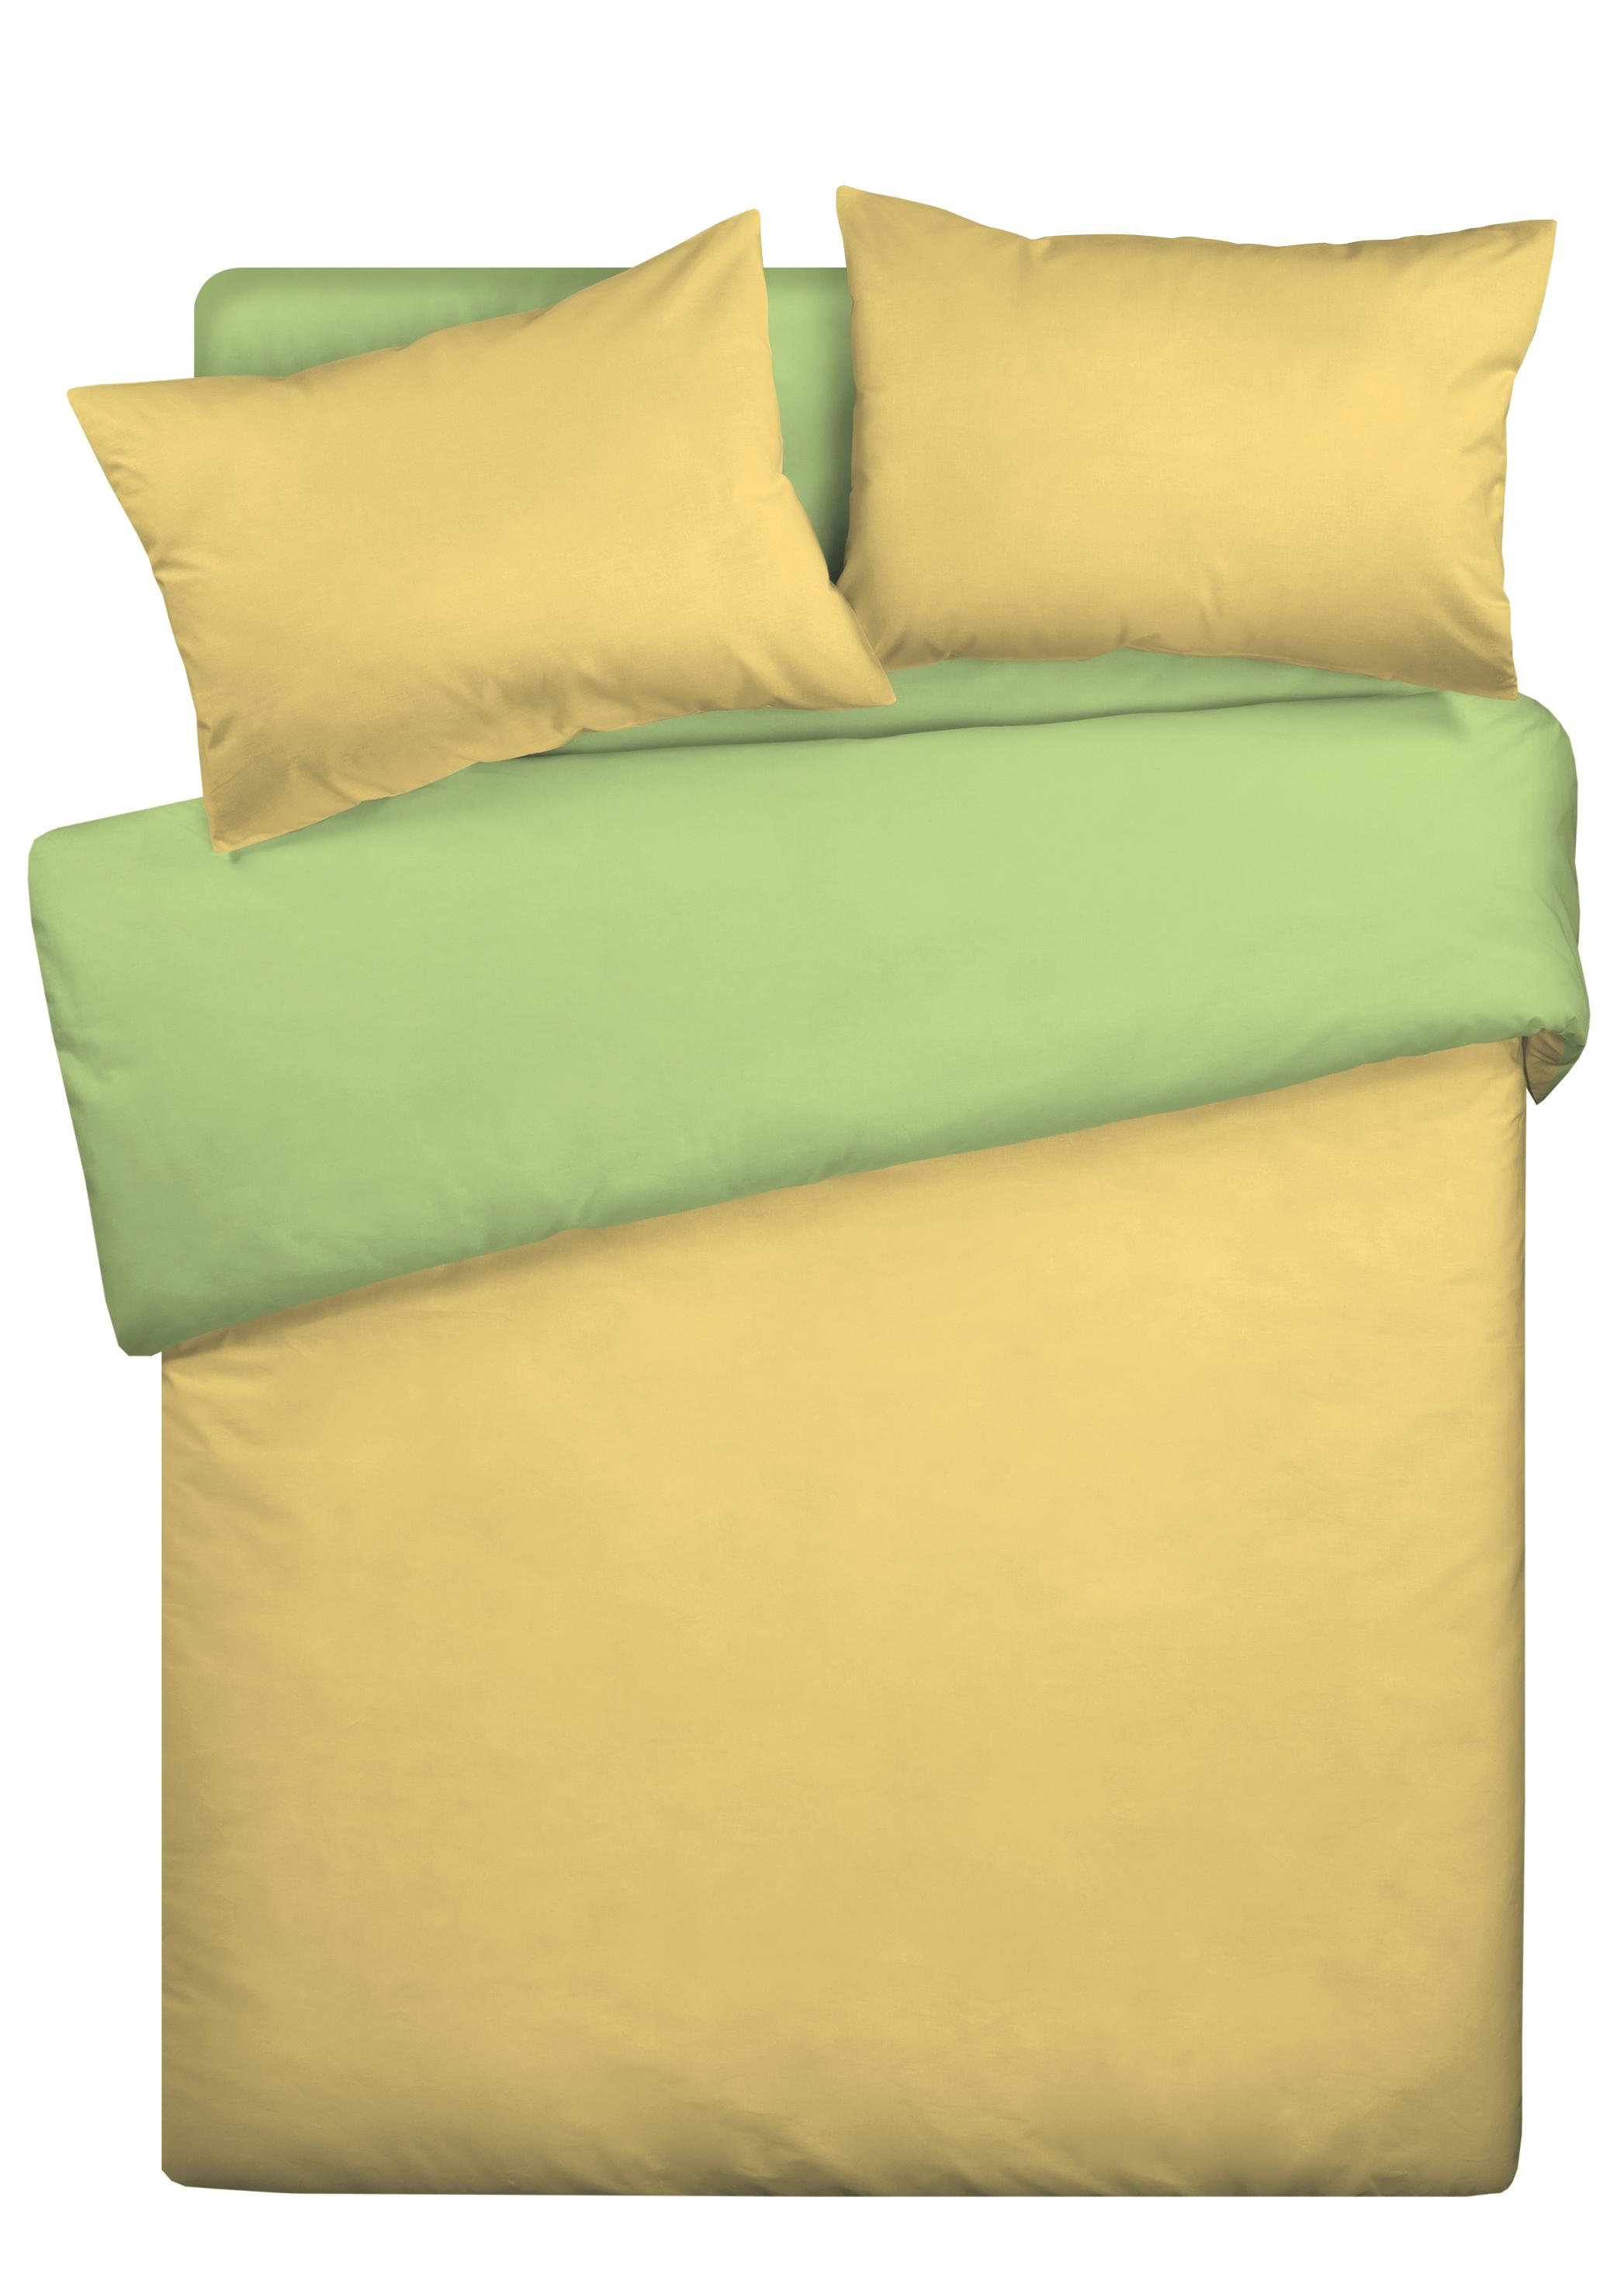 Купить Комплекты постельного белья WENGE, Постельное белье Murtagh Цвет: Жёлто-Салатовый (2 сп. евро), Россия, Бязь